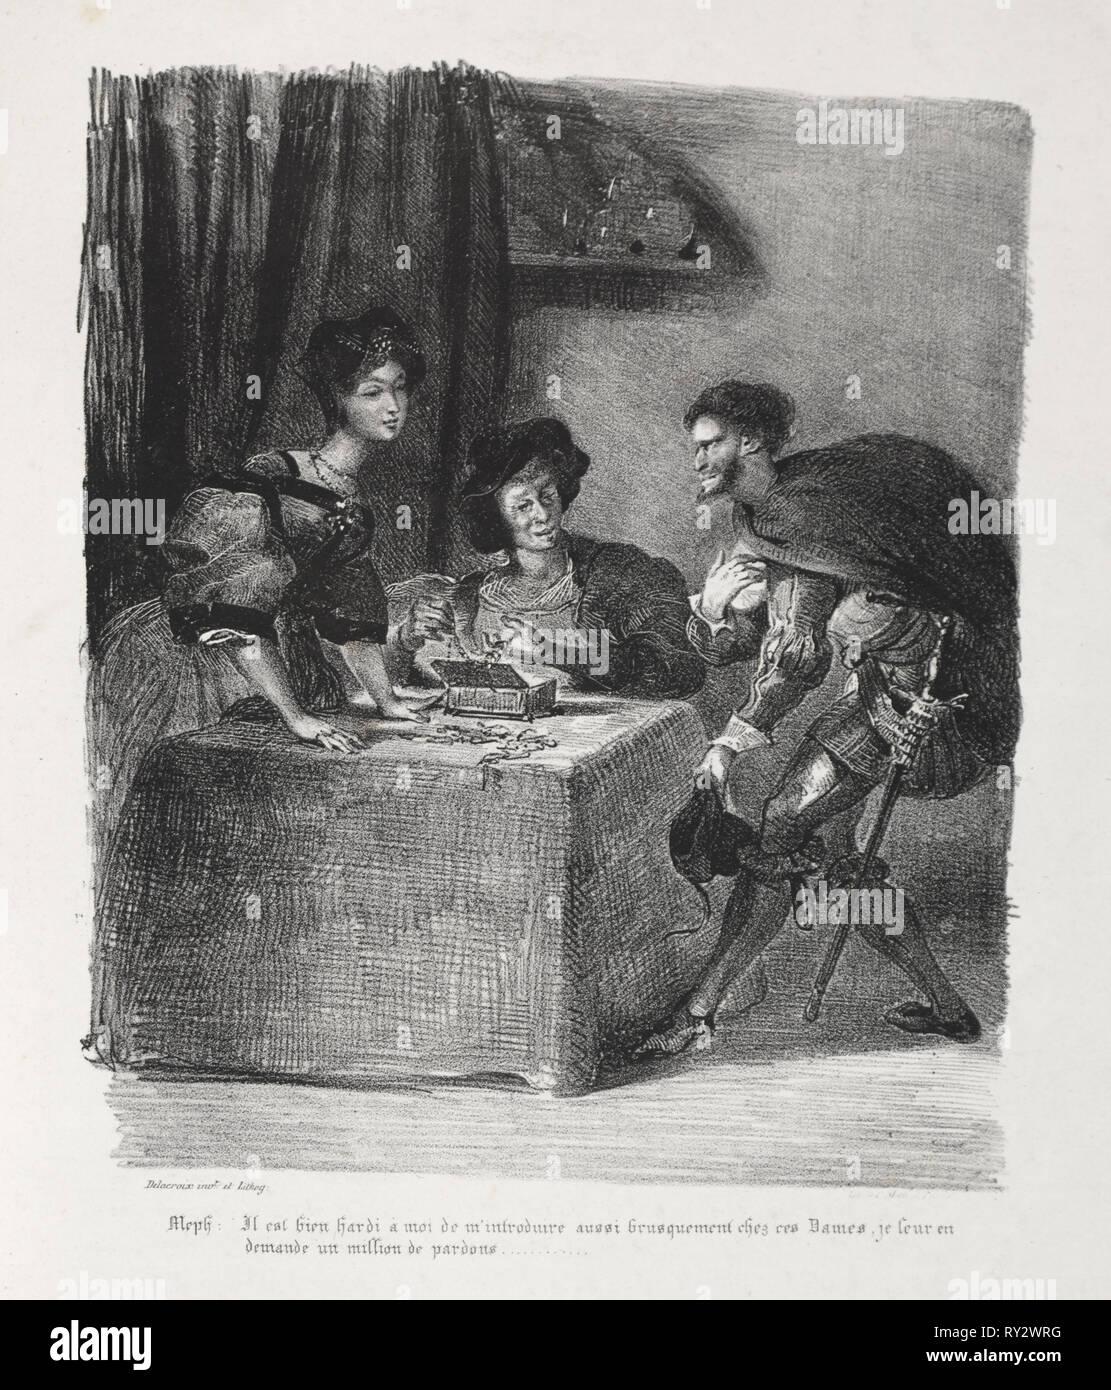 Faust: Tragédie de M. de Goethe, translated into French by Albert Stapfer.: Illustrations for Faust: Méphistophelés is at Marthe, 1828. Eugène Delacroix (French, 1798-1863), Chez Ch. Motte, Éditeur, distributed by Chez Sautelet, Libraire. Lithograph - Stock Image